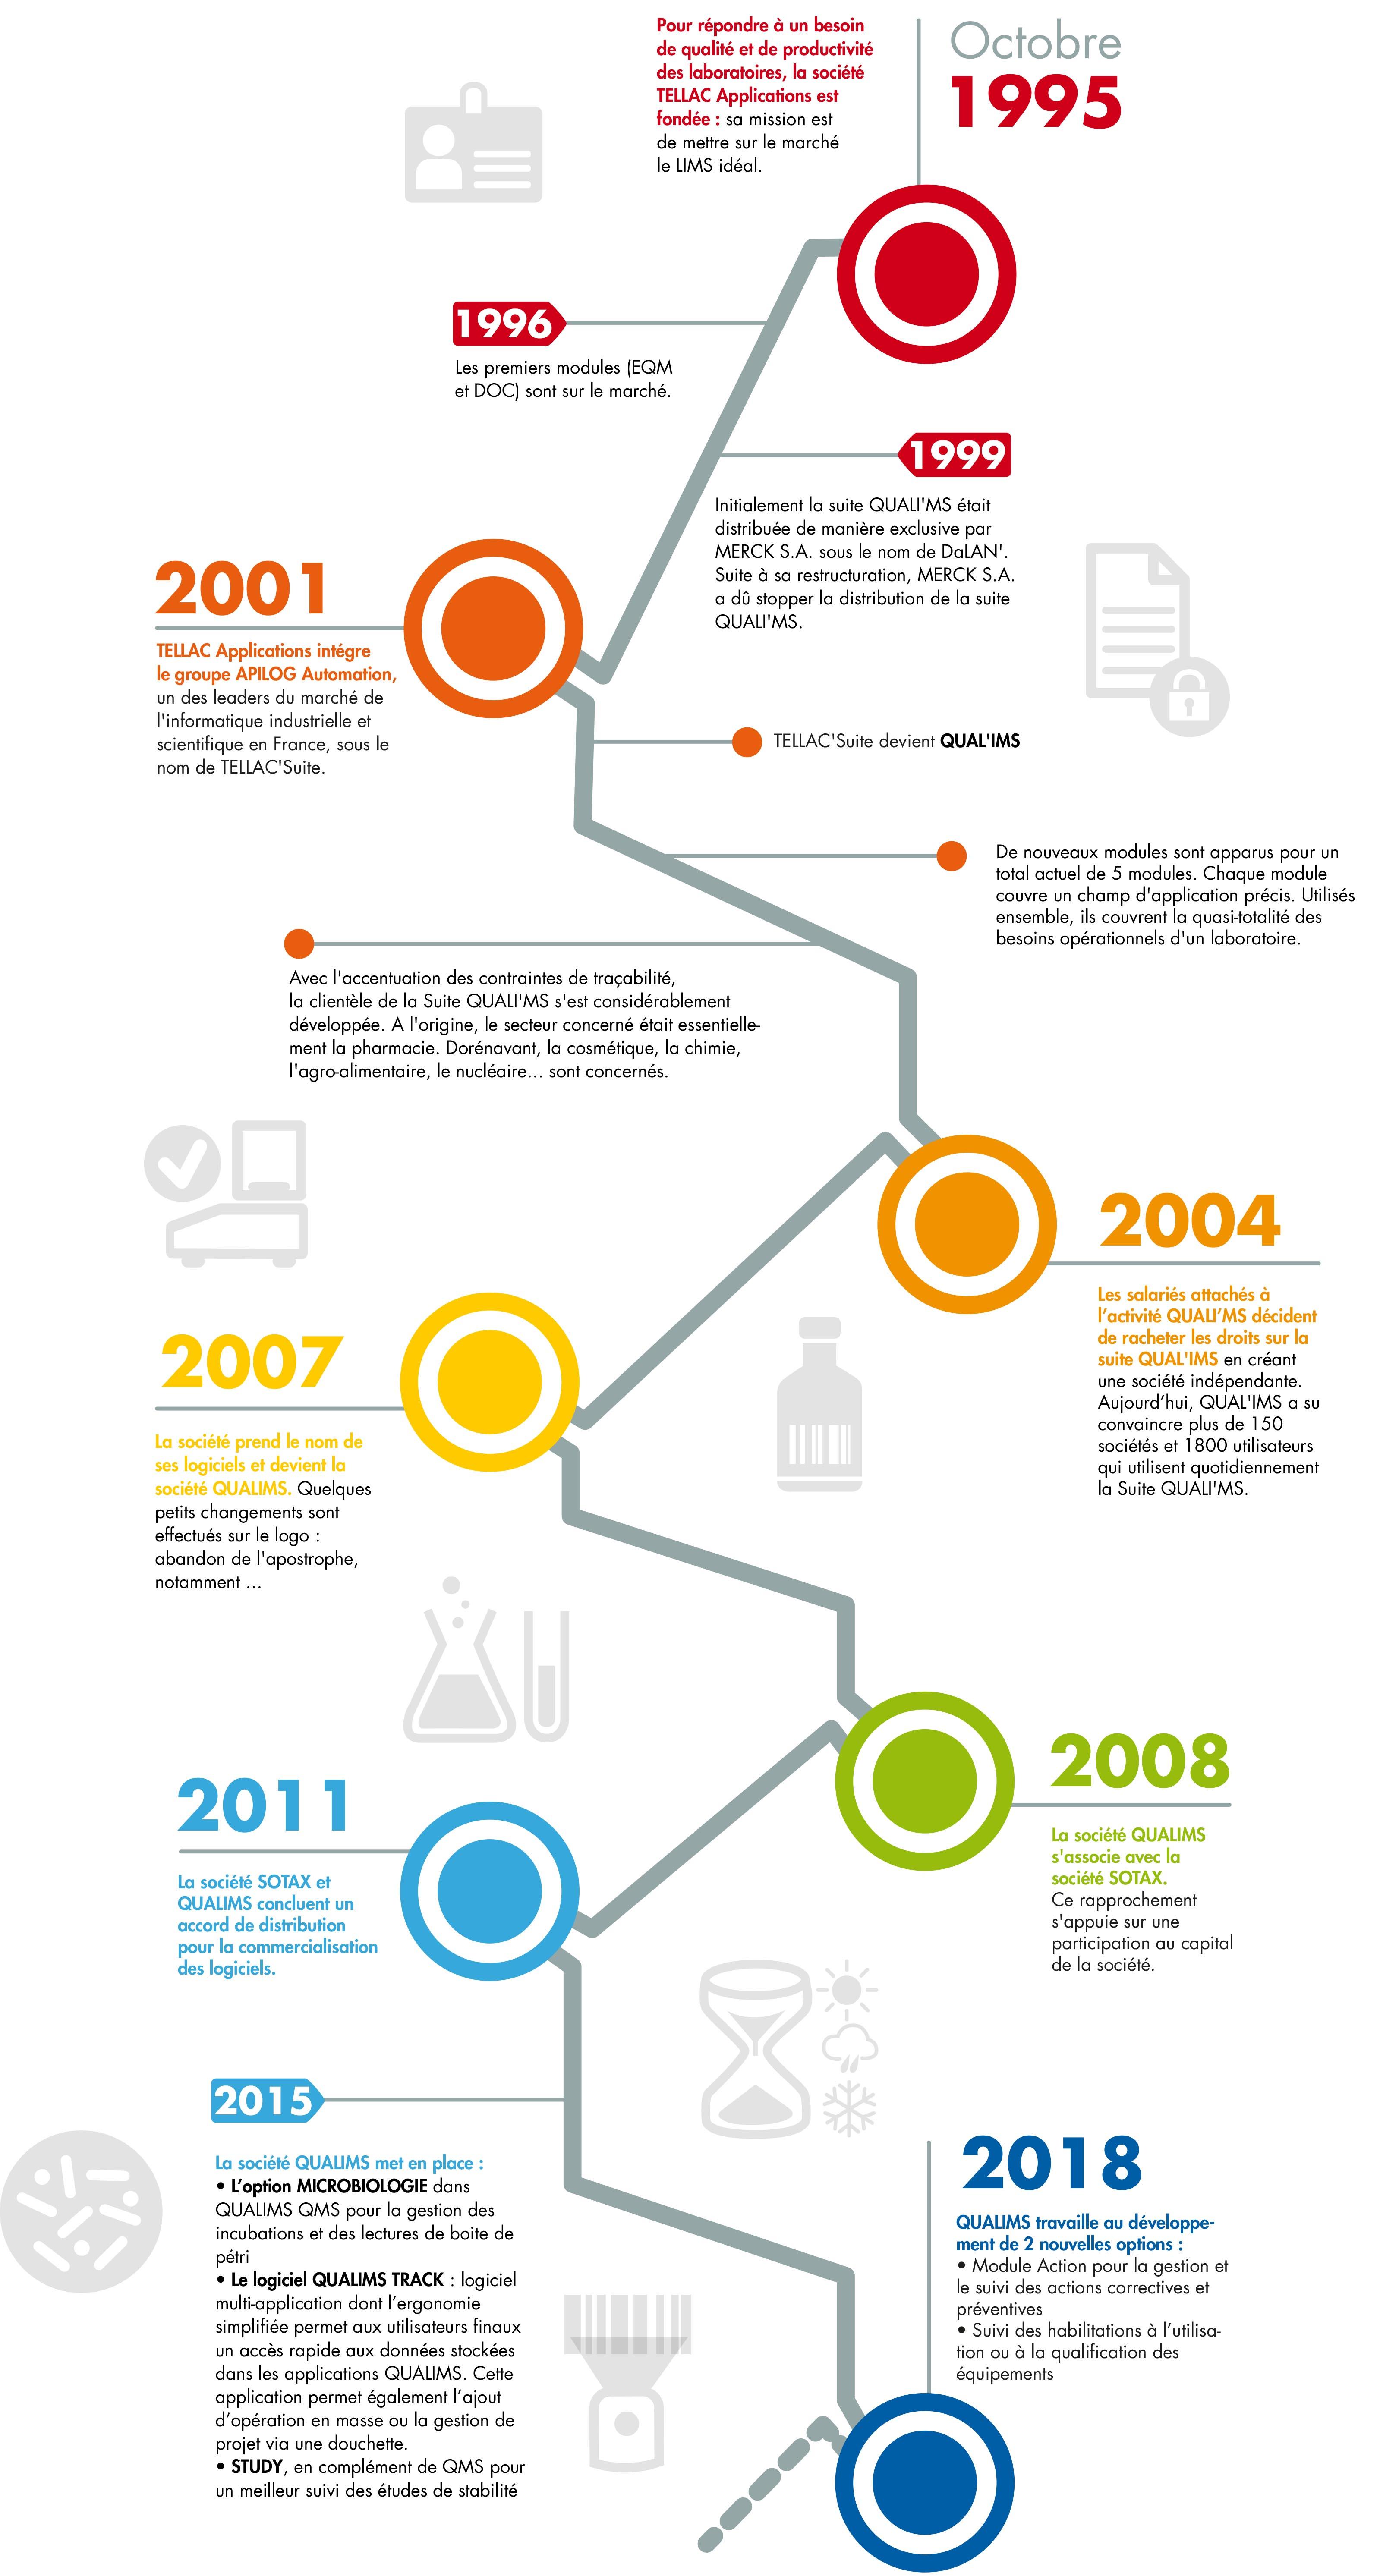 Historique de l'entreprise QUALIMS